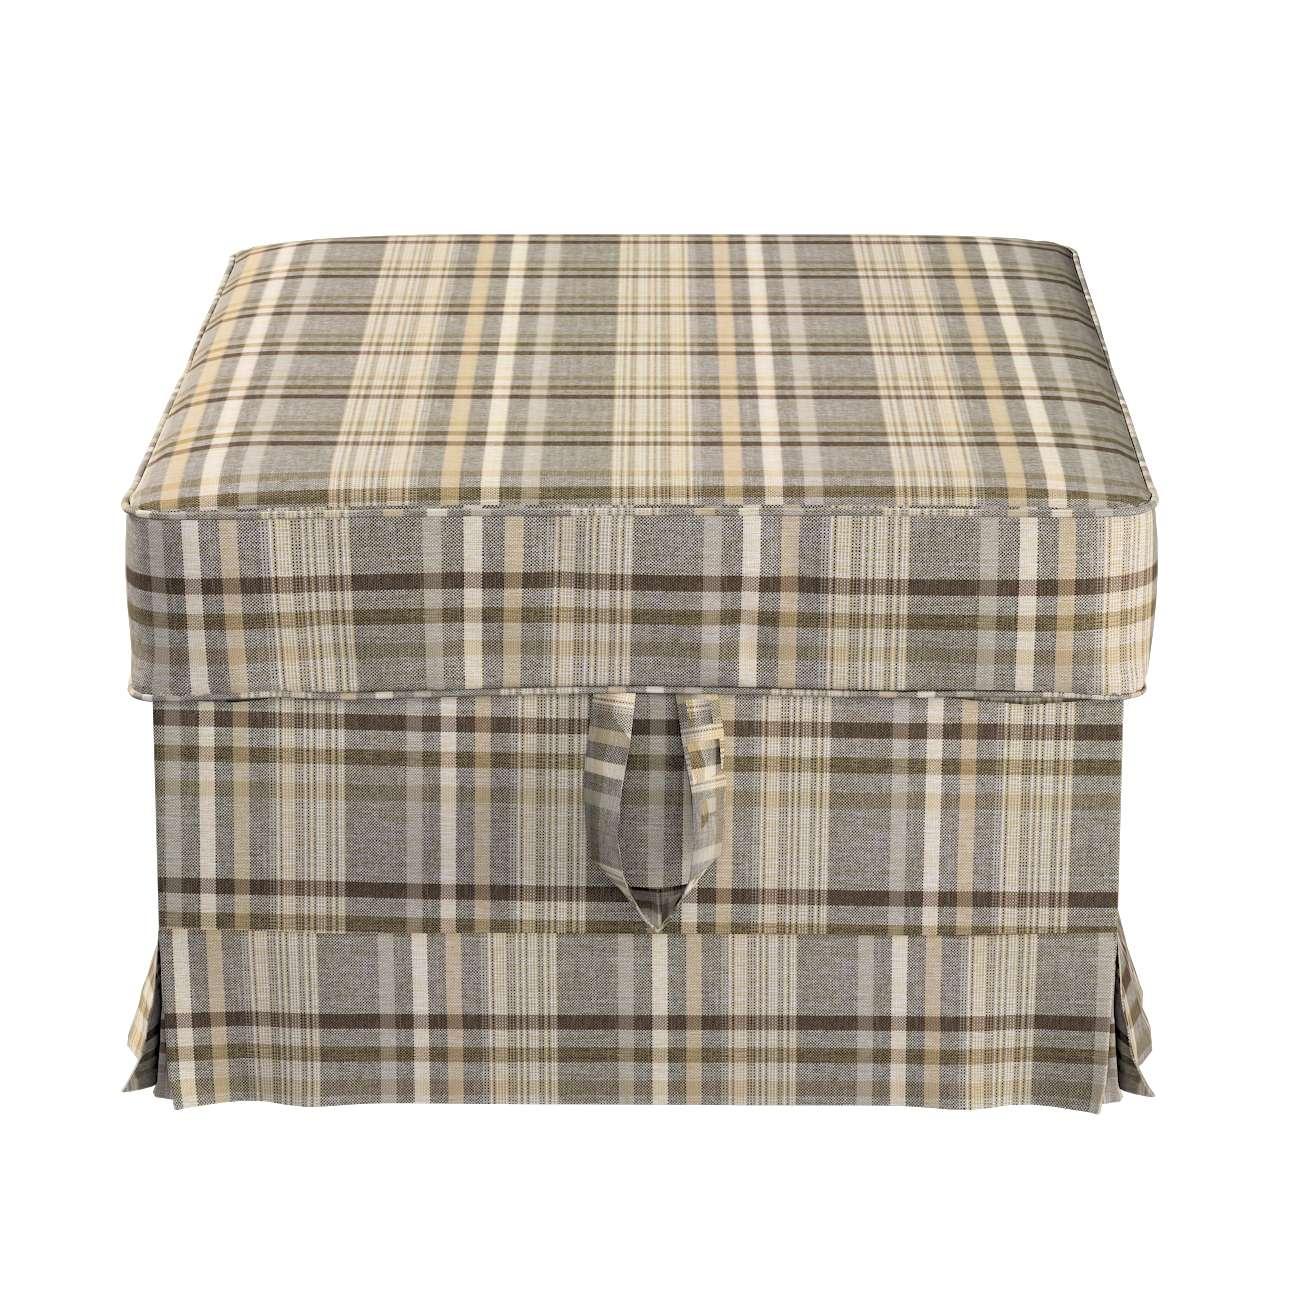 Pokrowiec na podnóżek Ektorp Bromma w kolekcji Edinburgh, tkanina: 703-17